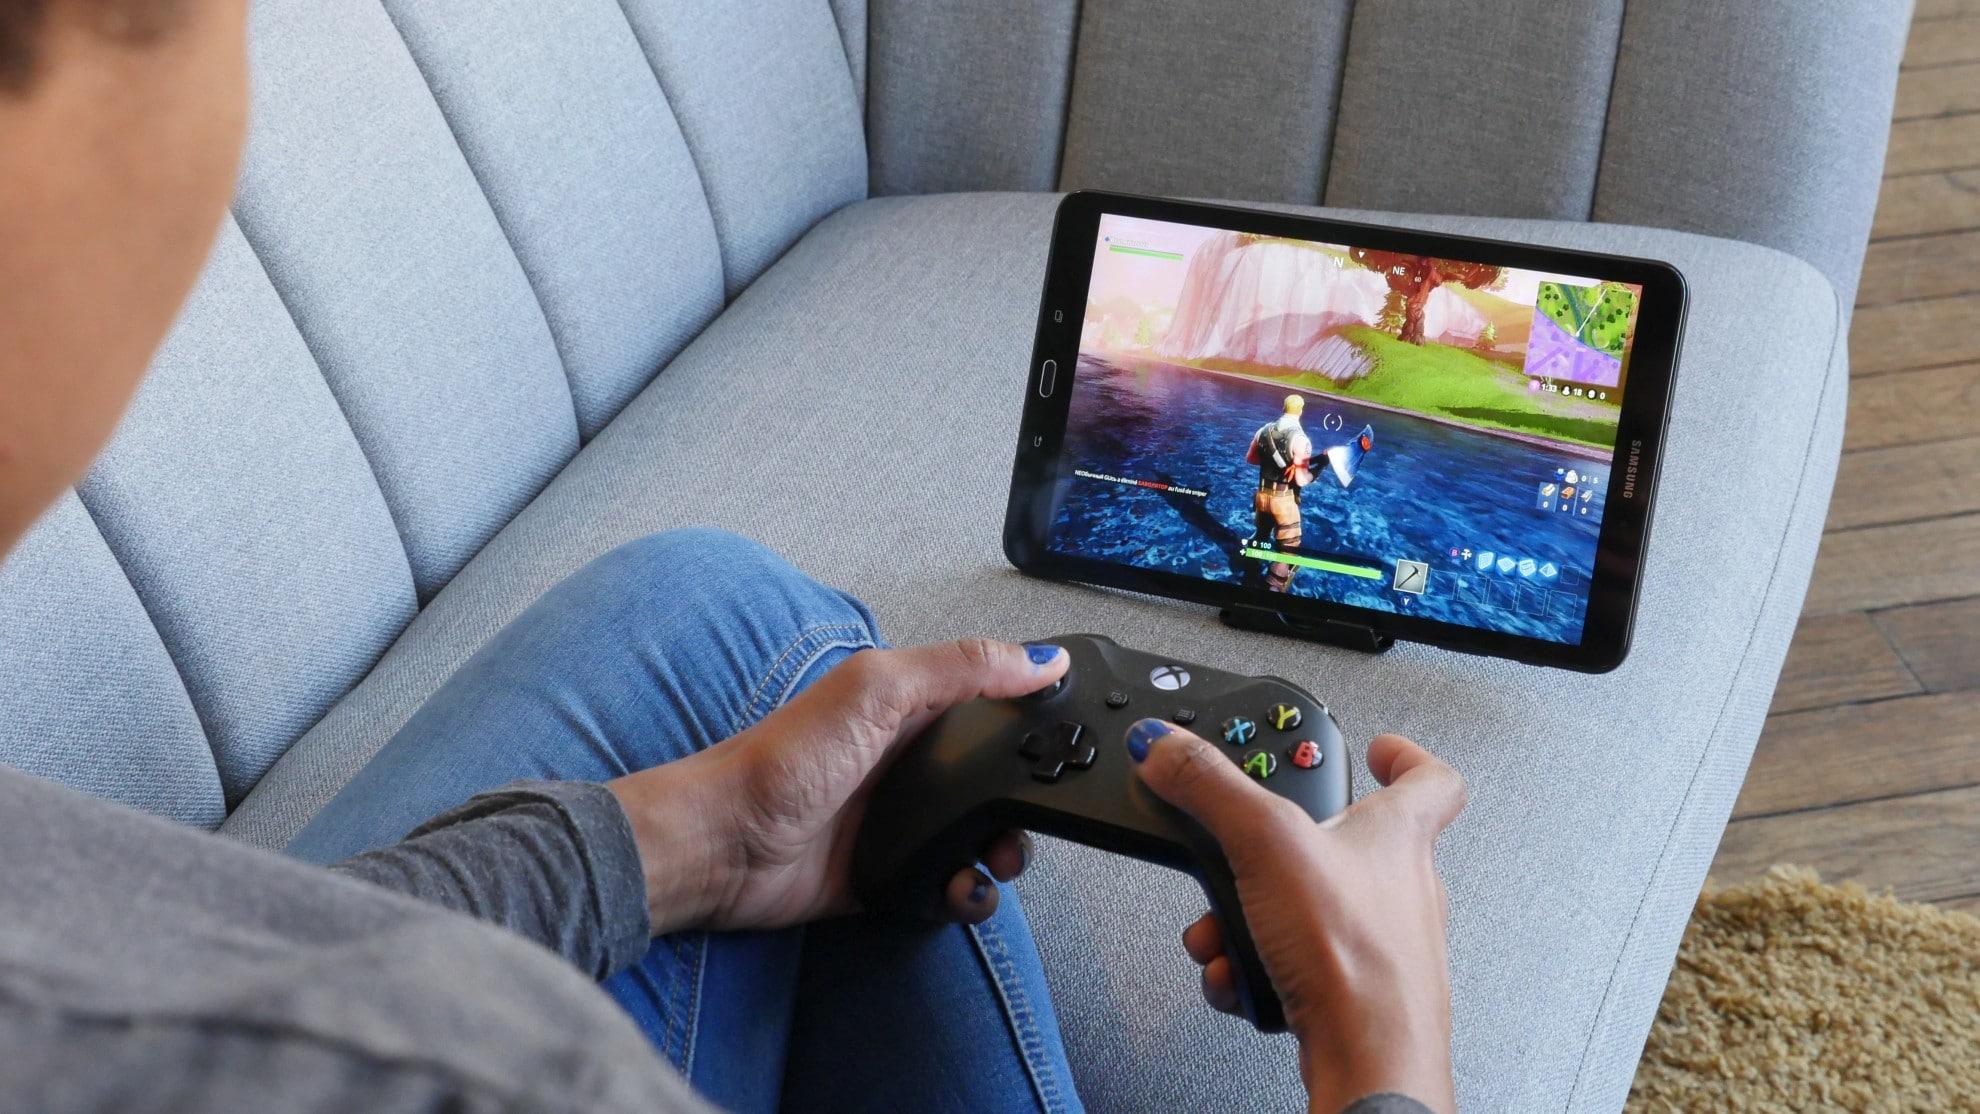 Tablet, Laptop, Smartphone - ihr könnt mit beliebigen Geräten spielen. (Foto: Blade)